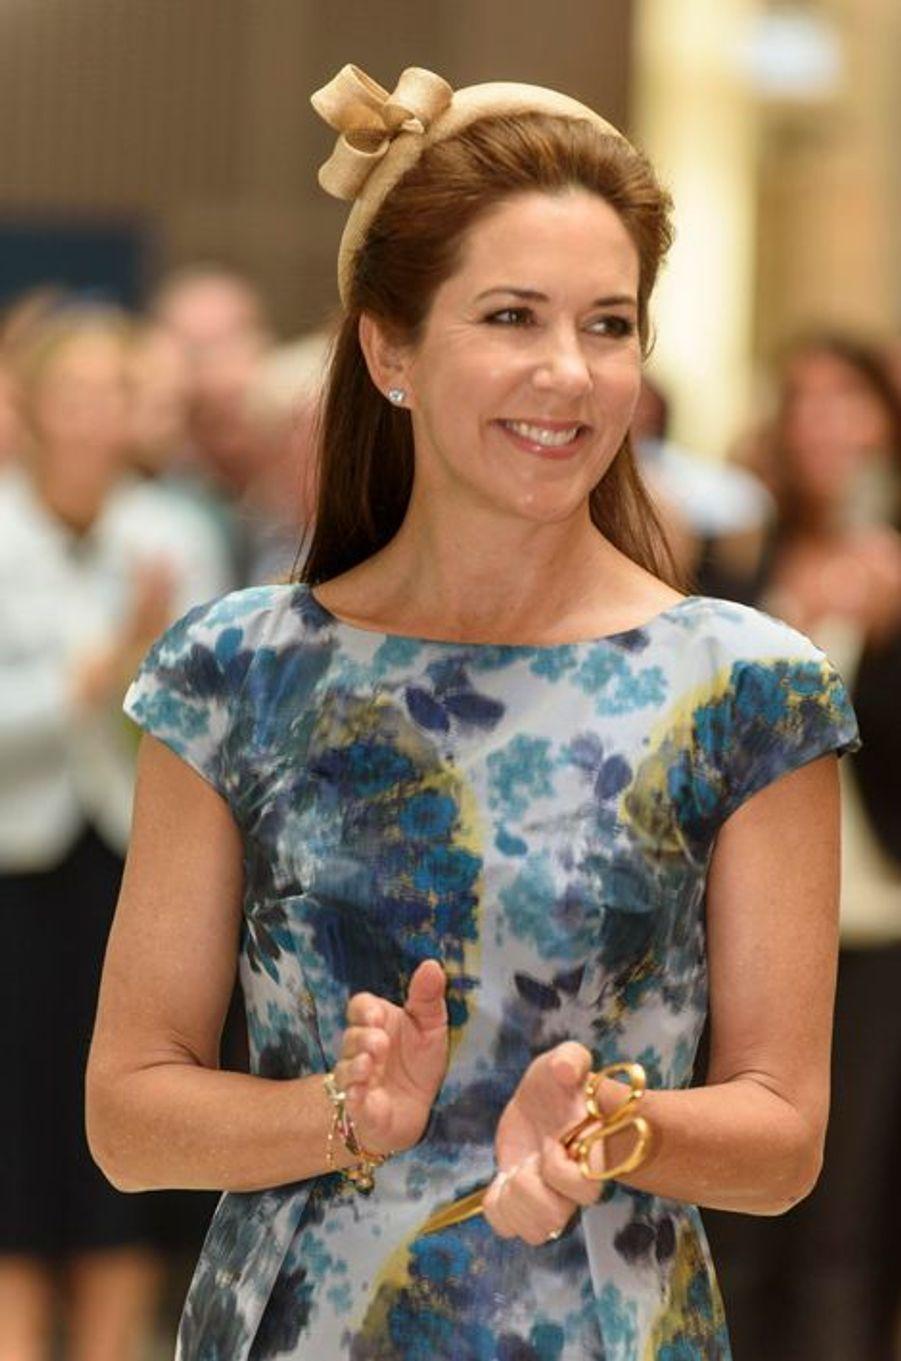 Comme le mardi précédent, la princesse Mary de Danemark a choisi, ce lundi 24 août, de mettre en avant par son look la styliste danoise Signe Bogelund Jensen, alors qu'elle inaugurait un hôpital psychiatrique à Slagelse.Chaque dimanche, le Royal Blog de Paris Match vous propose de voir ou revoir les plus belles photographies de la semaine royale.